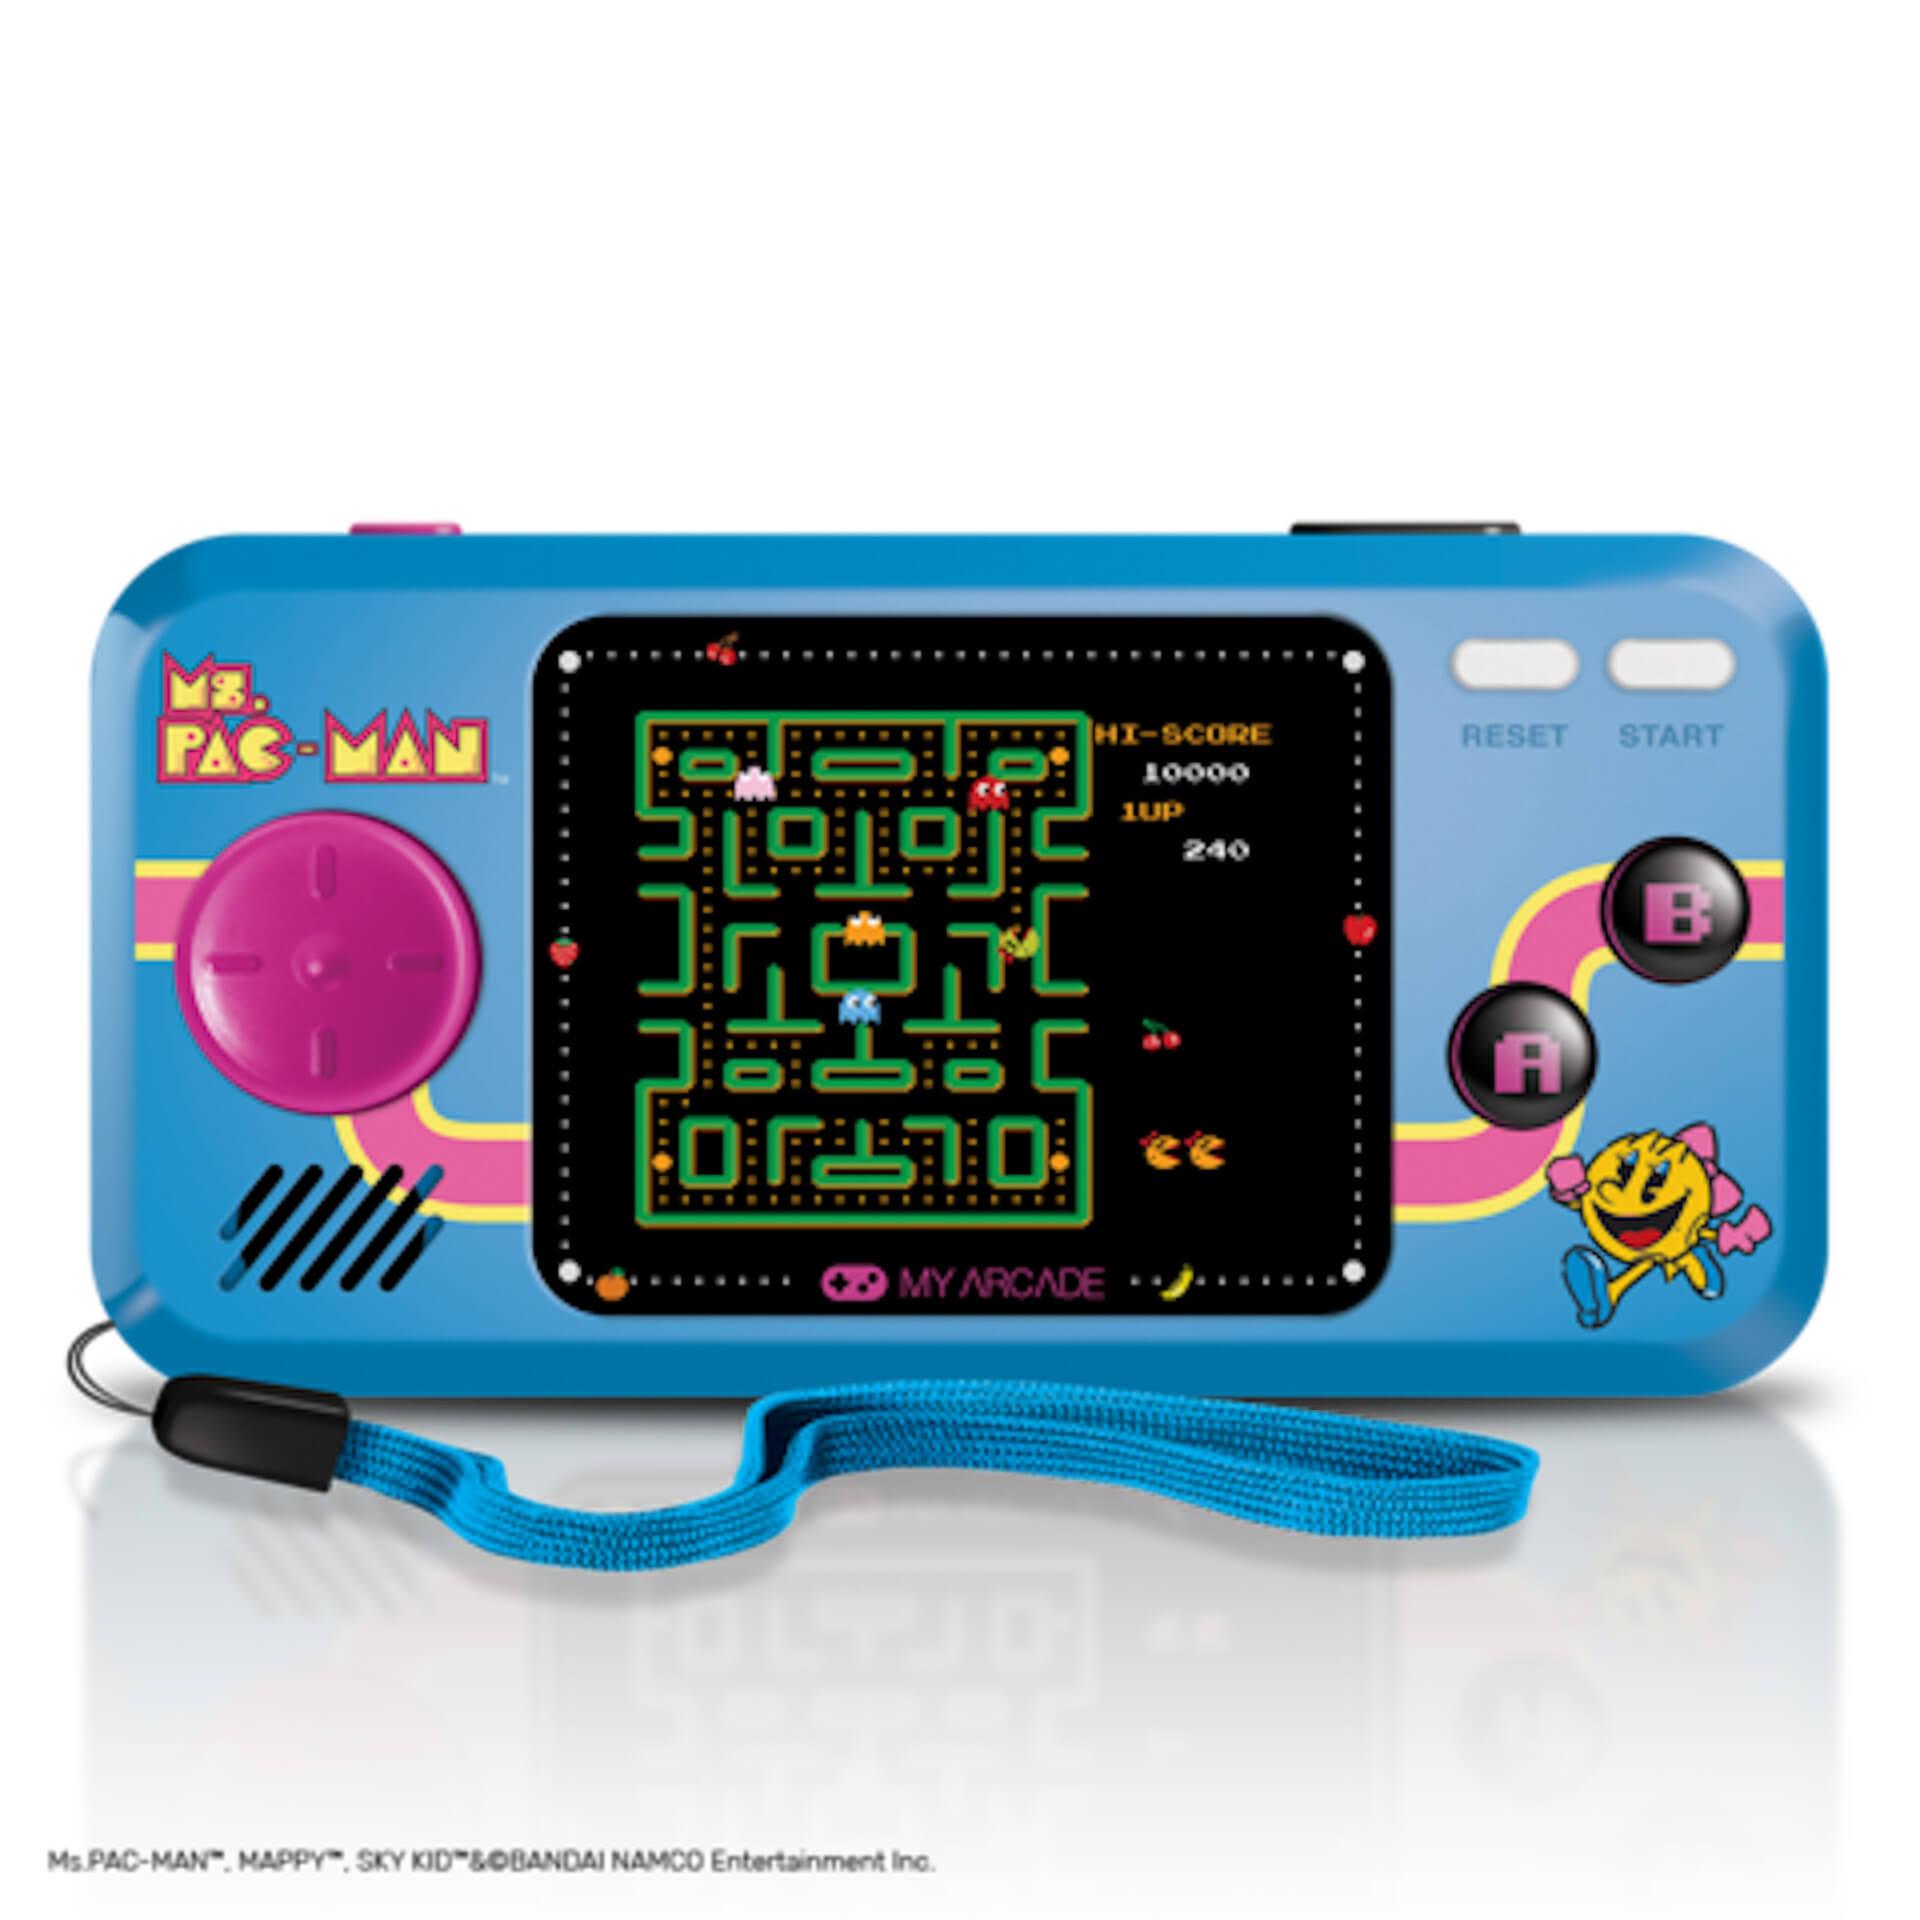 パックマンのミニチュアアーケードが家にやってくる!誕生40周年を記念した小型ゲーム機が続々登場 tech200610_pacman_1